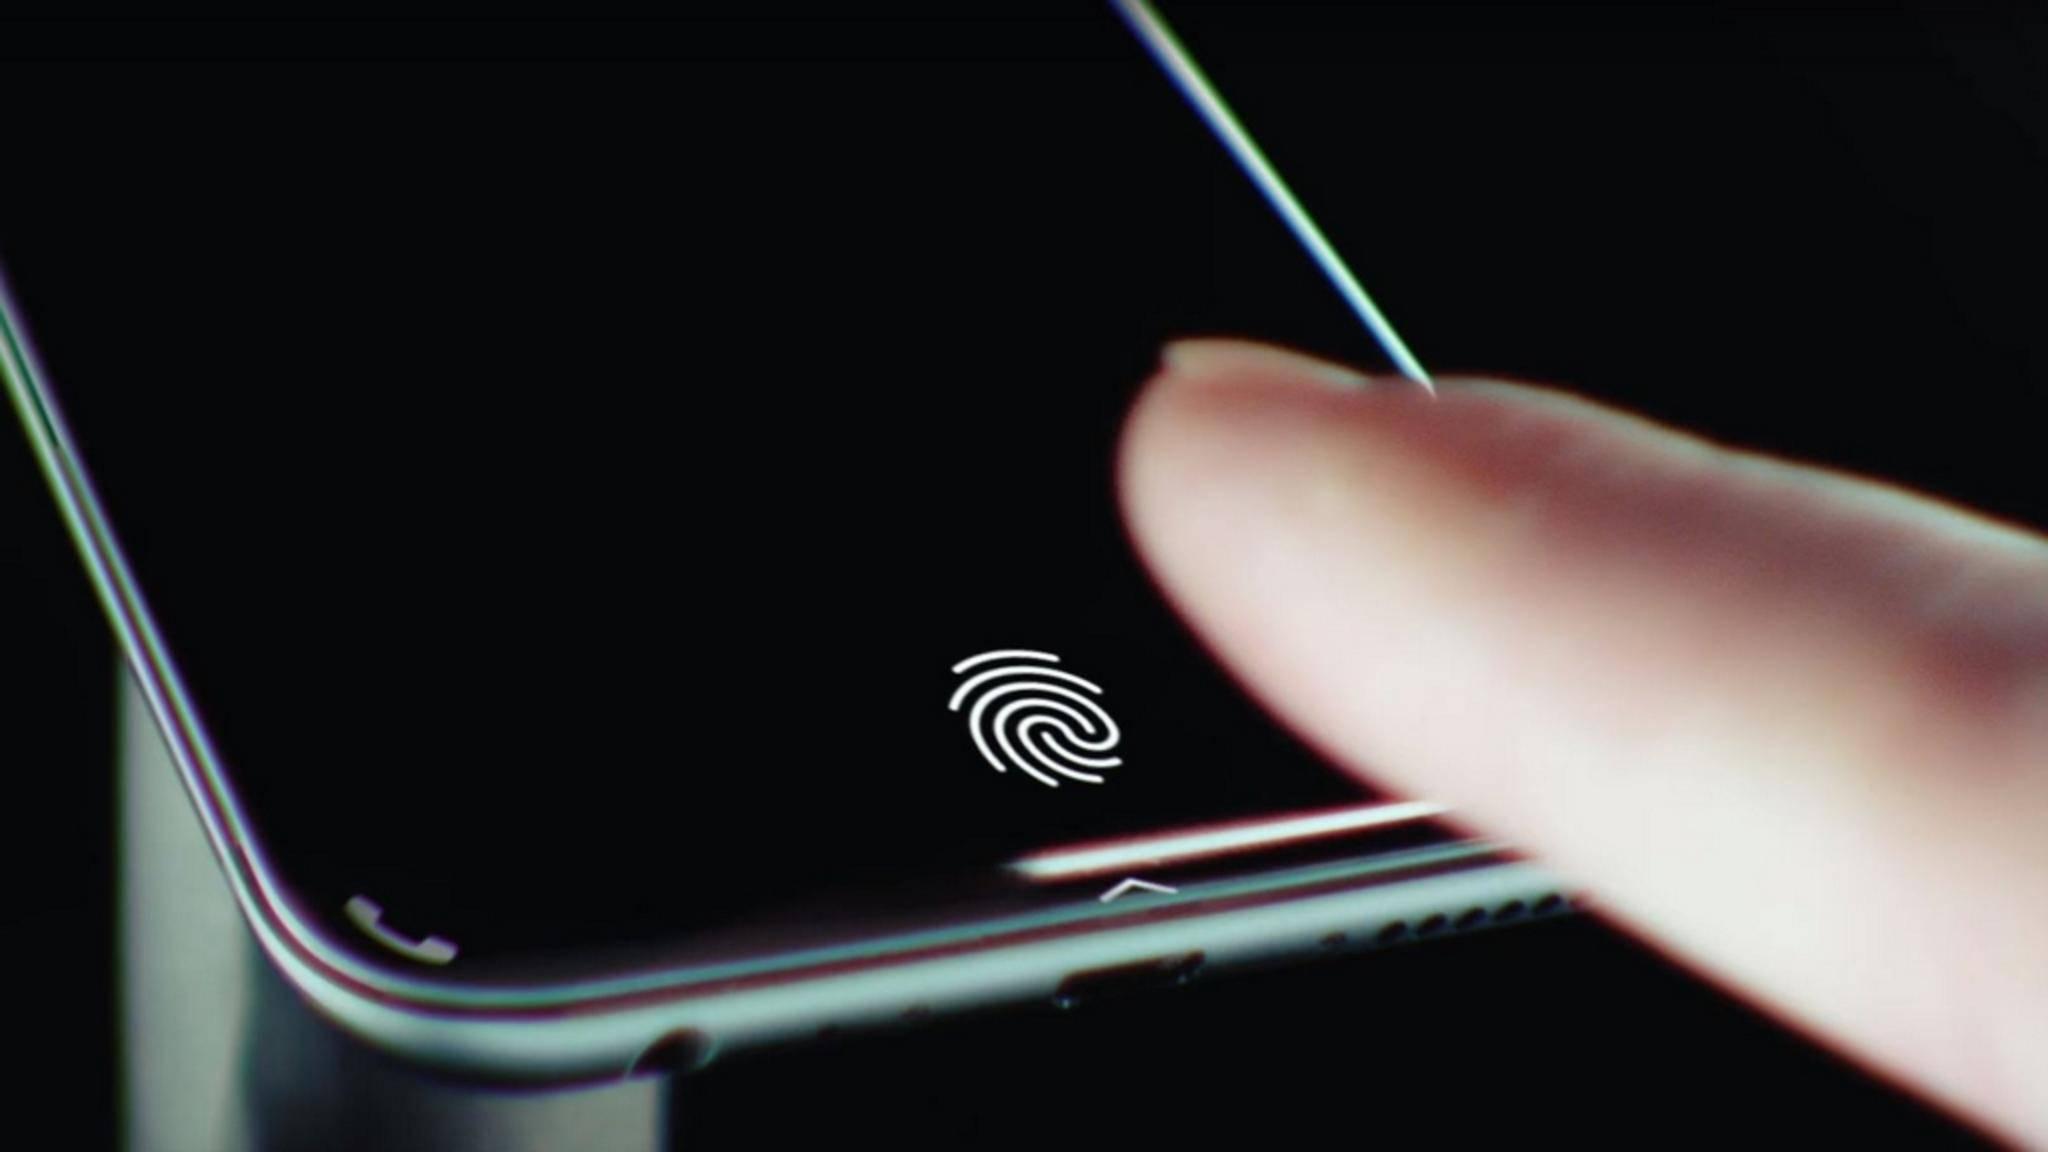 Fingerabdruckscanner unter dem Display nutzen bislang einen unsicheren optischen Sensor.